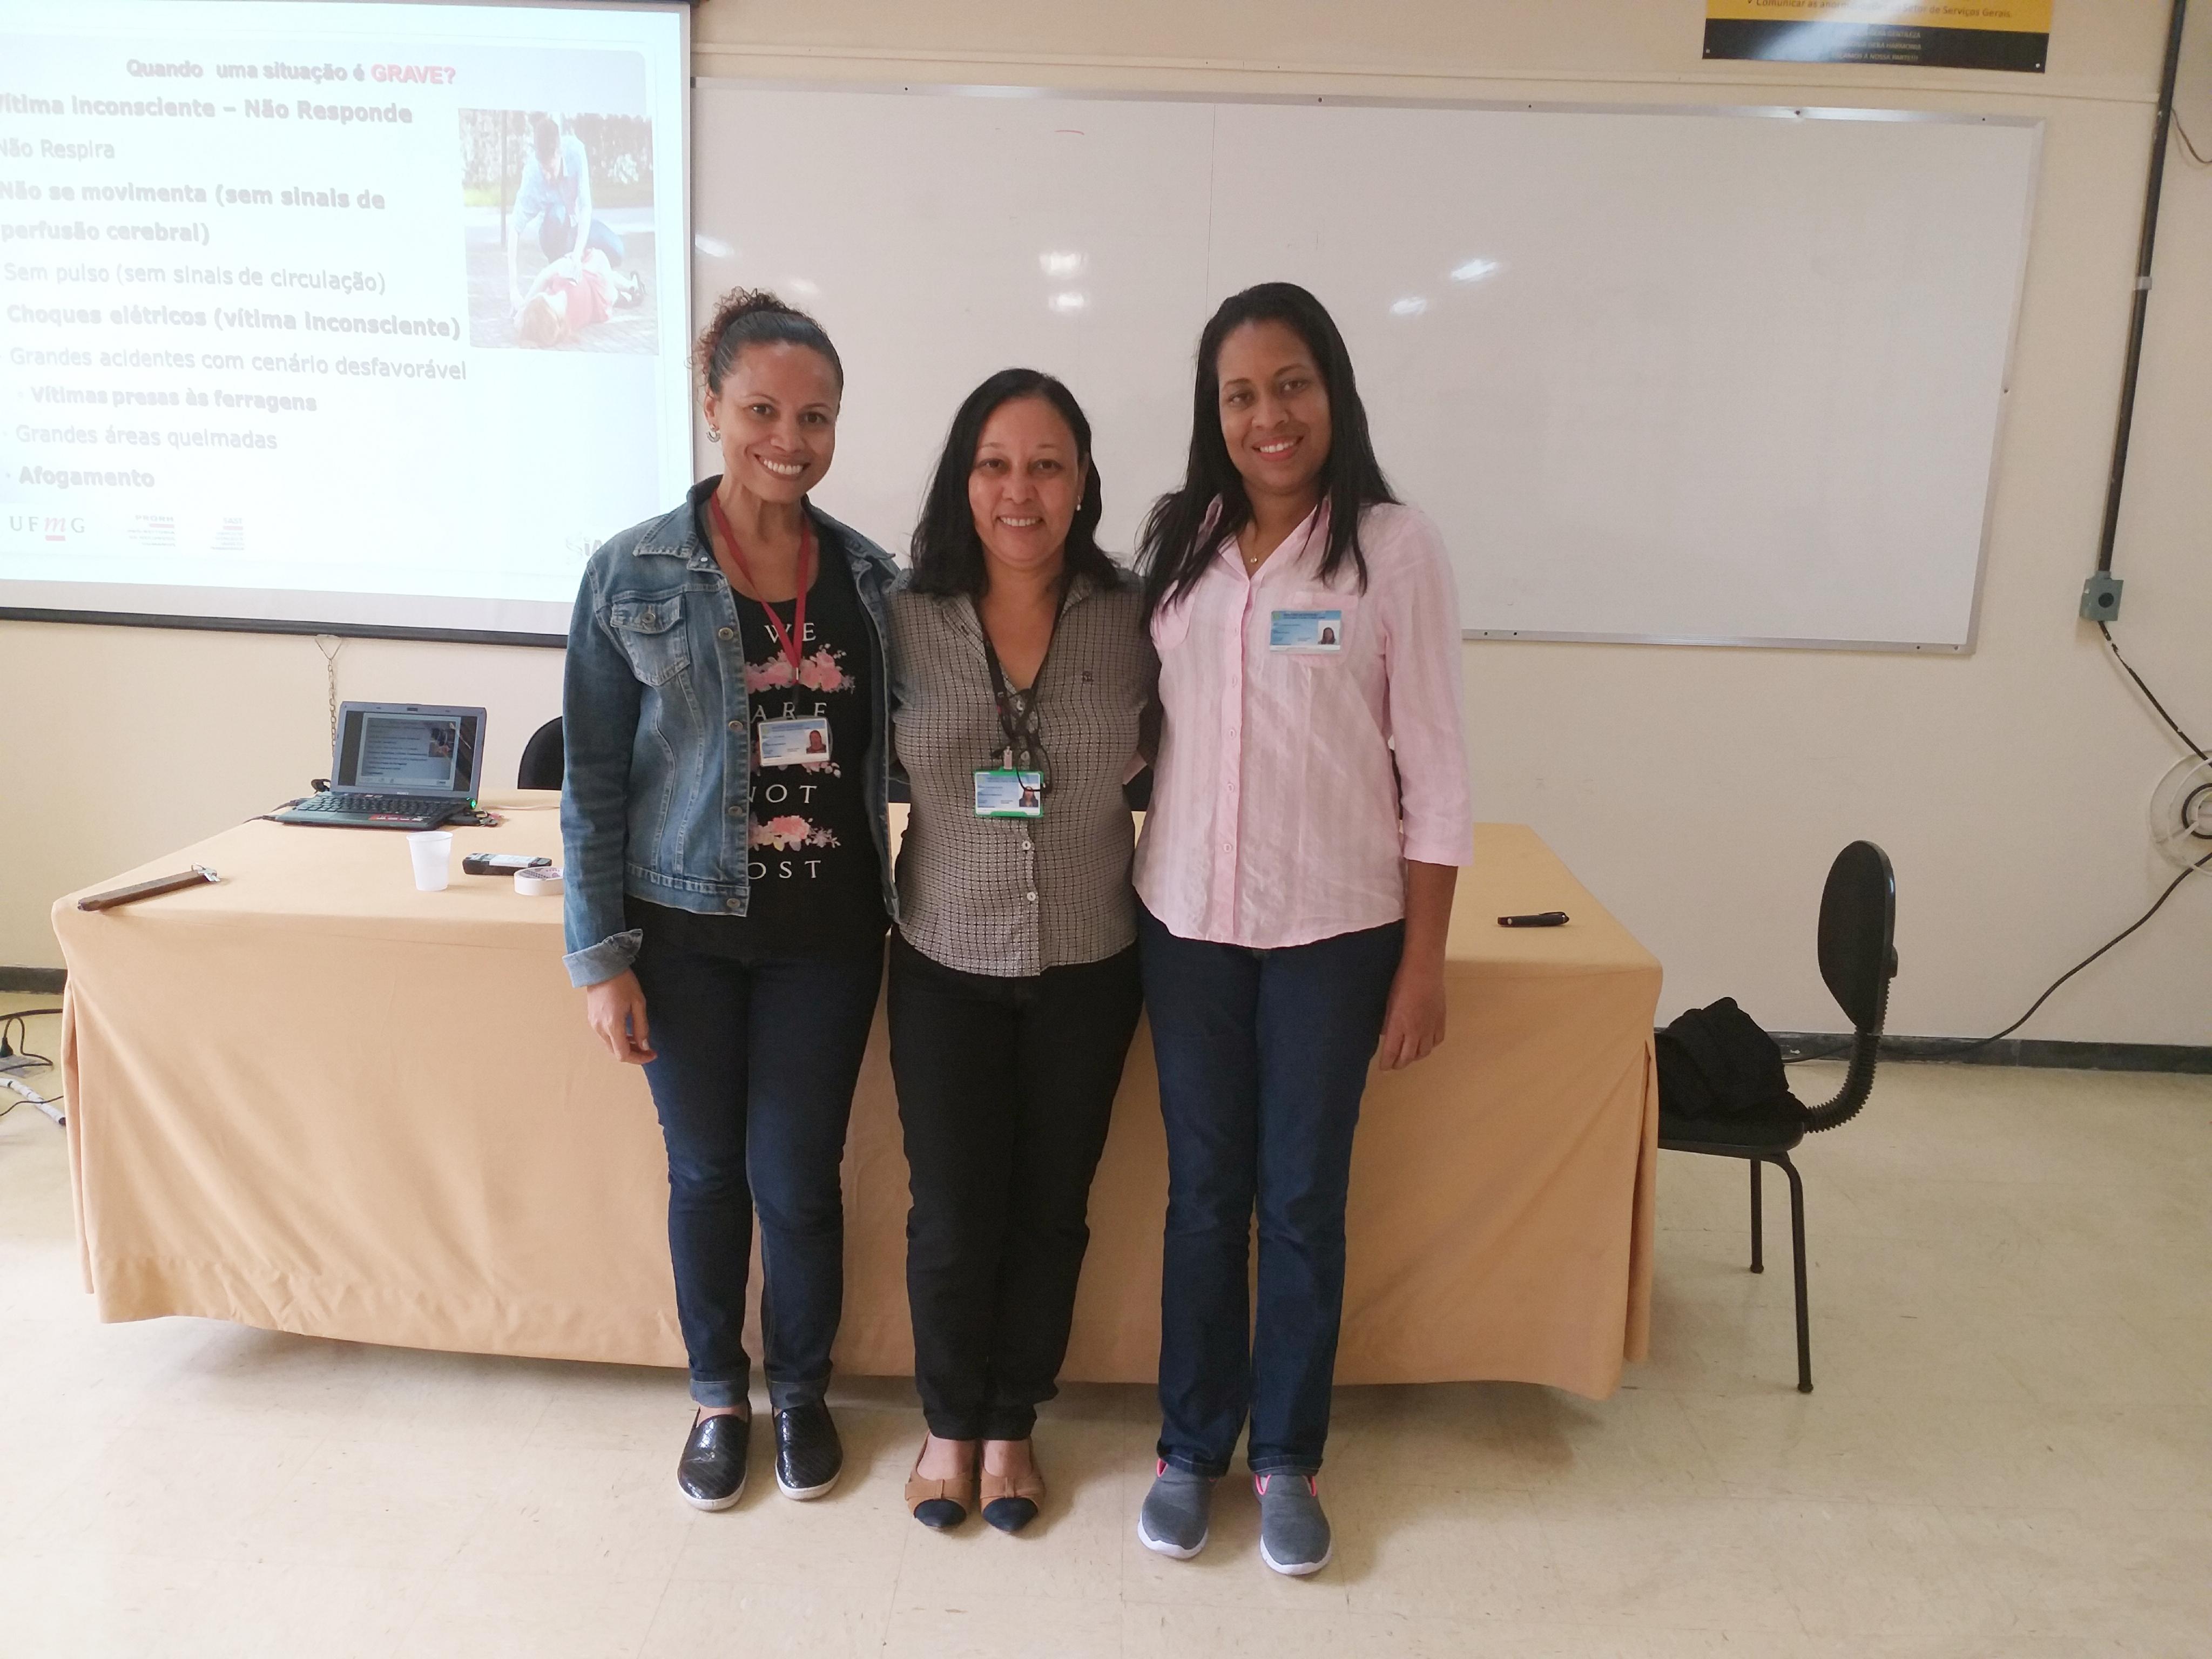 Foto 04 - Enfermeiras Hayde e Andréia DAST-UFMG com Farmacêutica Adriana GAB-FAFAR